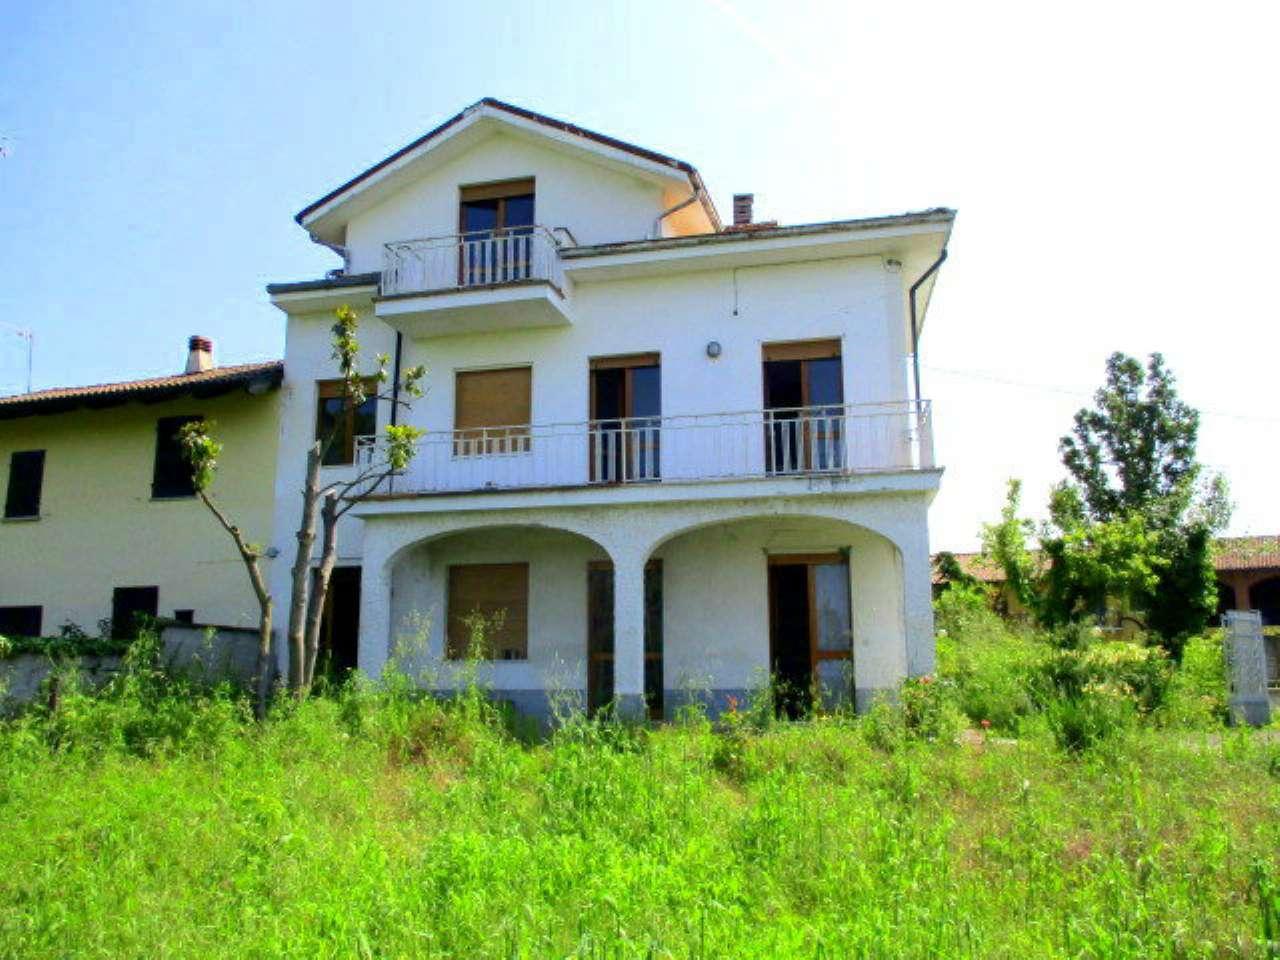 Foto 1 di Rustico / Casale vicolo Parma  6, Villadeati